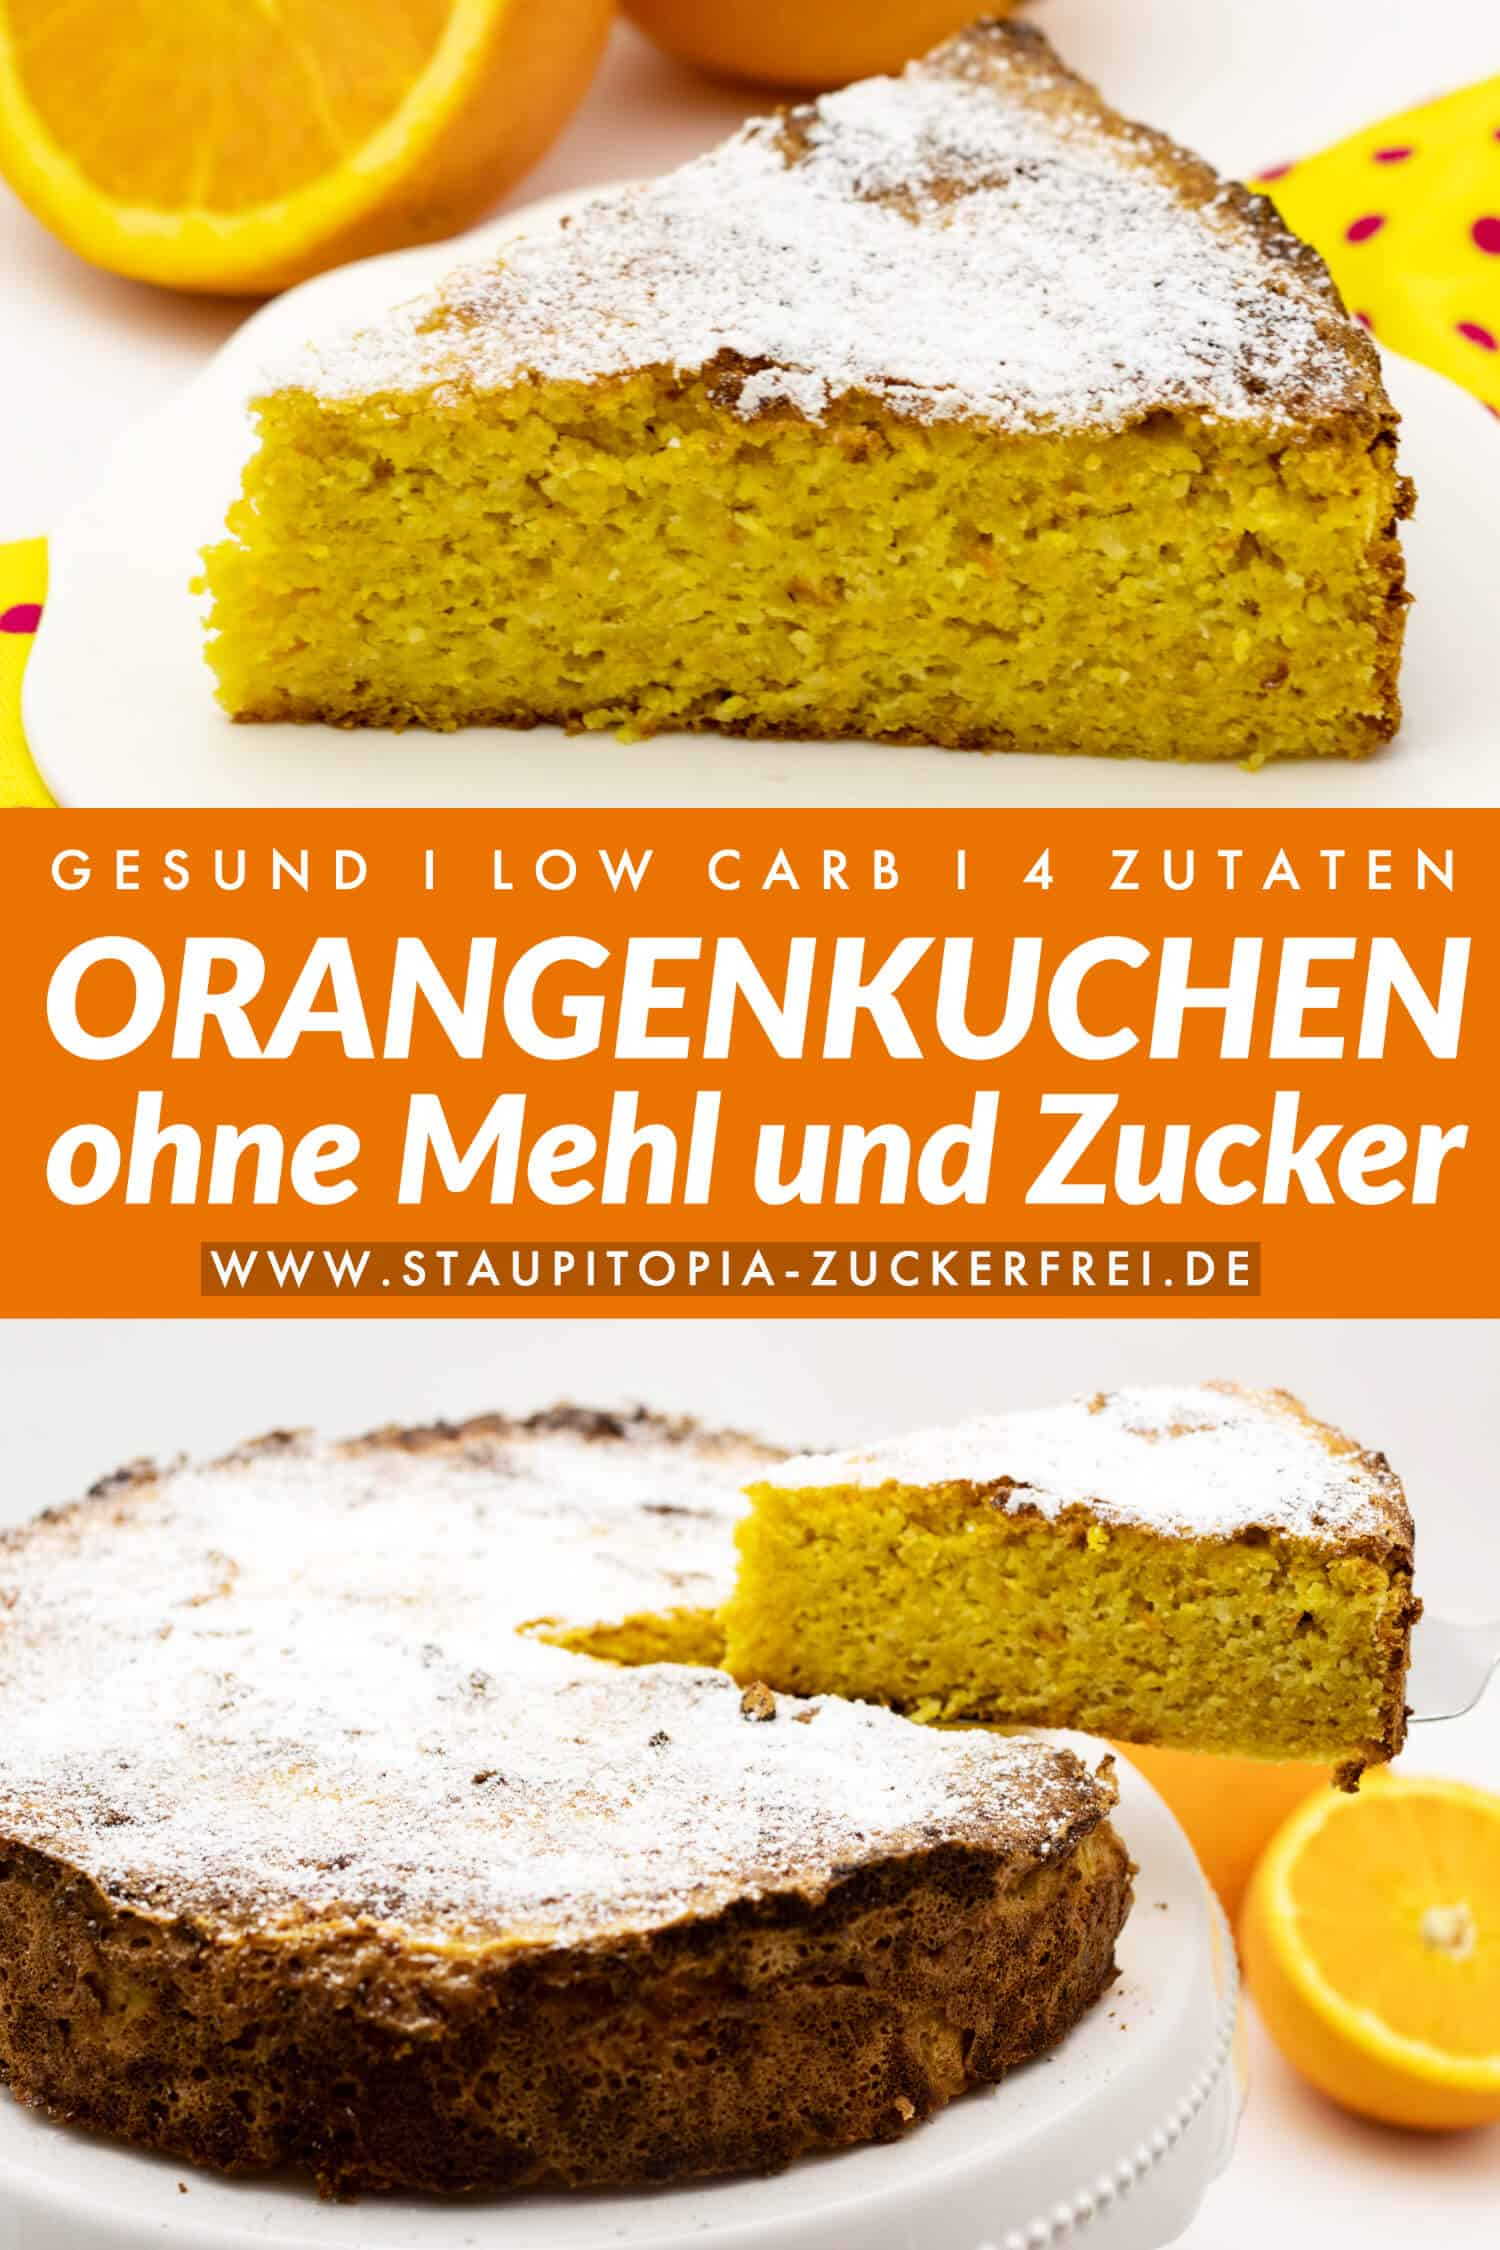 Orangenkuchen ohne Mehl mit Mandeln backen